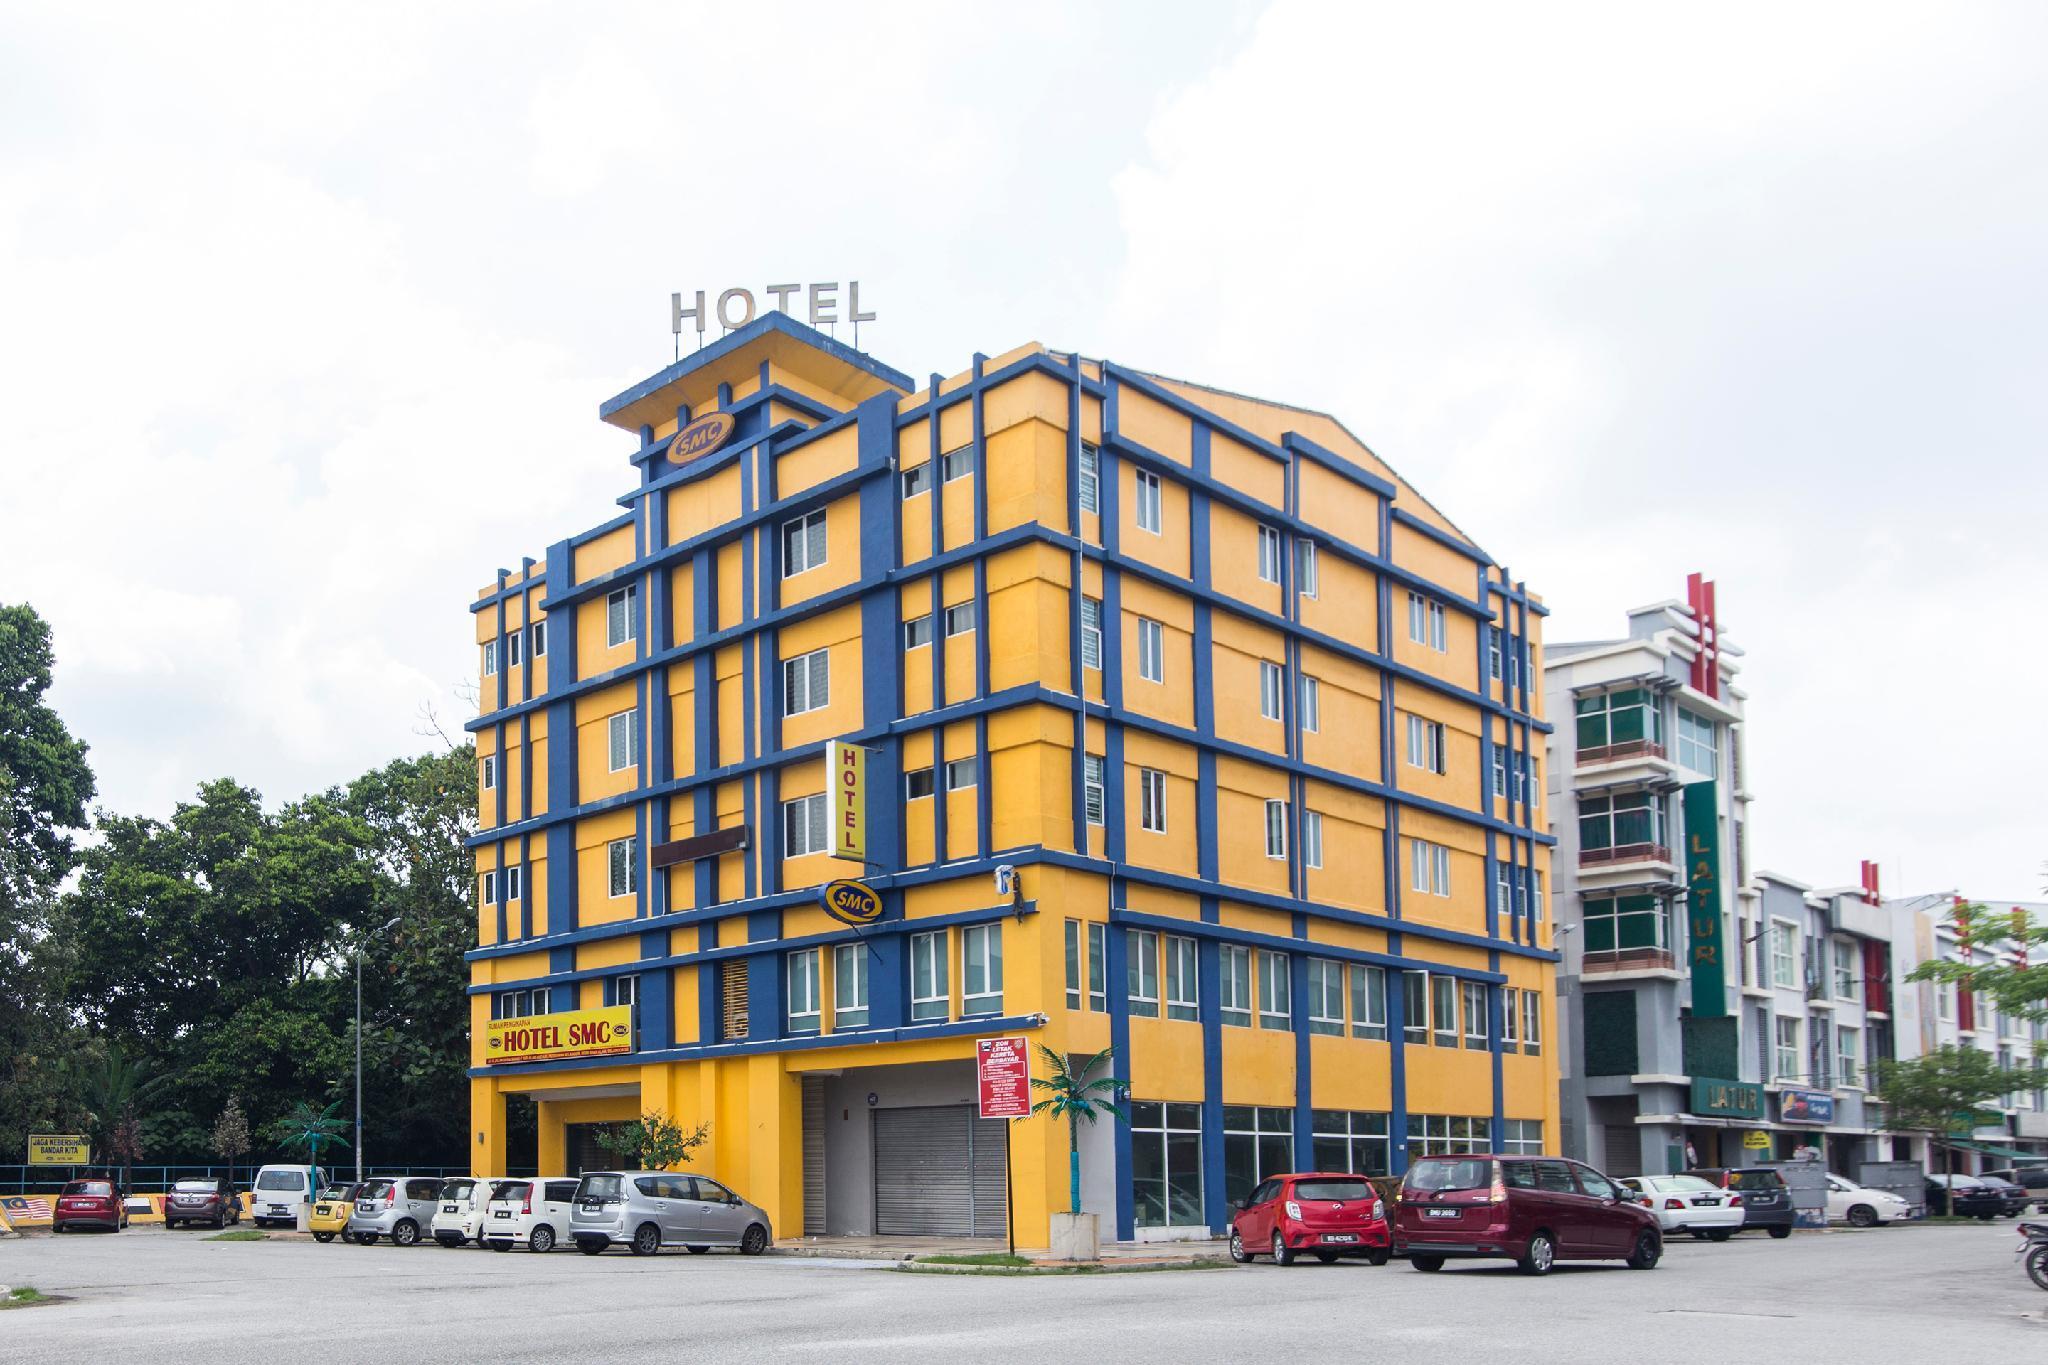 Oyo 258 Hotel Smc Alam Avenue In Malaysia